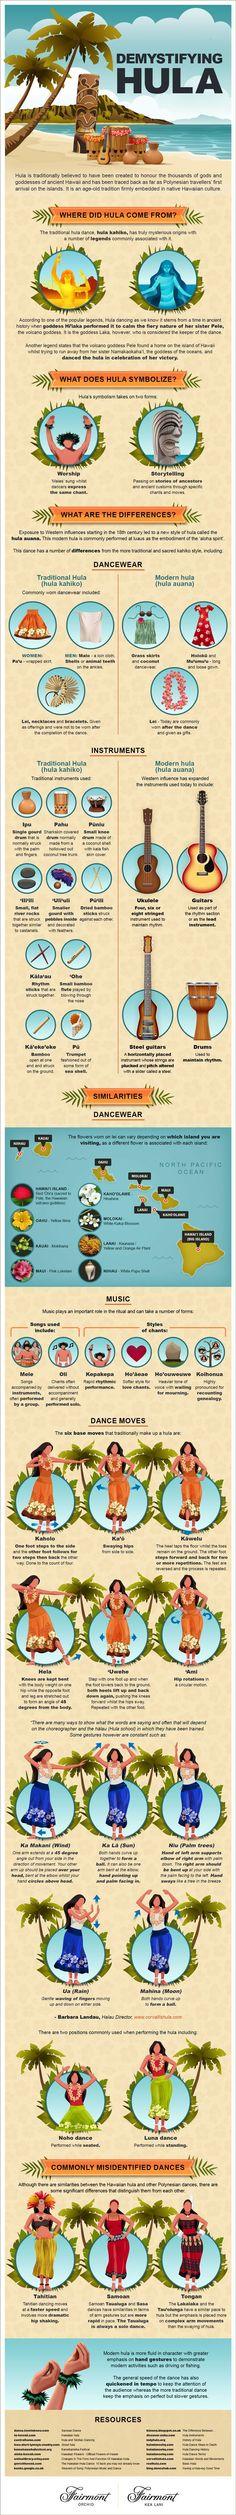 Dance Moves, Music, Symbolism, Origin of Hula dancing. #hula #hawaiian #polynesian #maui #hawaii #luaus #luau #dance #huladancing Polynesian Dance, Polynesian Culture, Aloha Hawaii, Hawaii Travel, Big Island, Island Life, Islas Cook, Tahitian Dance, Hawaian Party